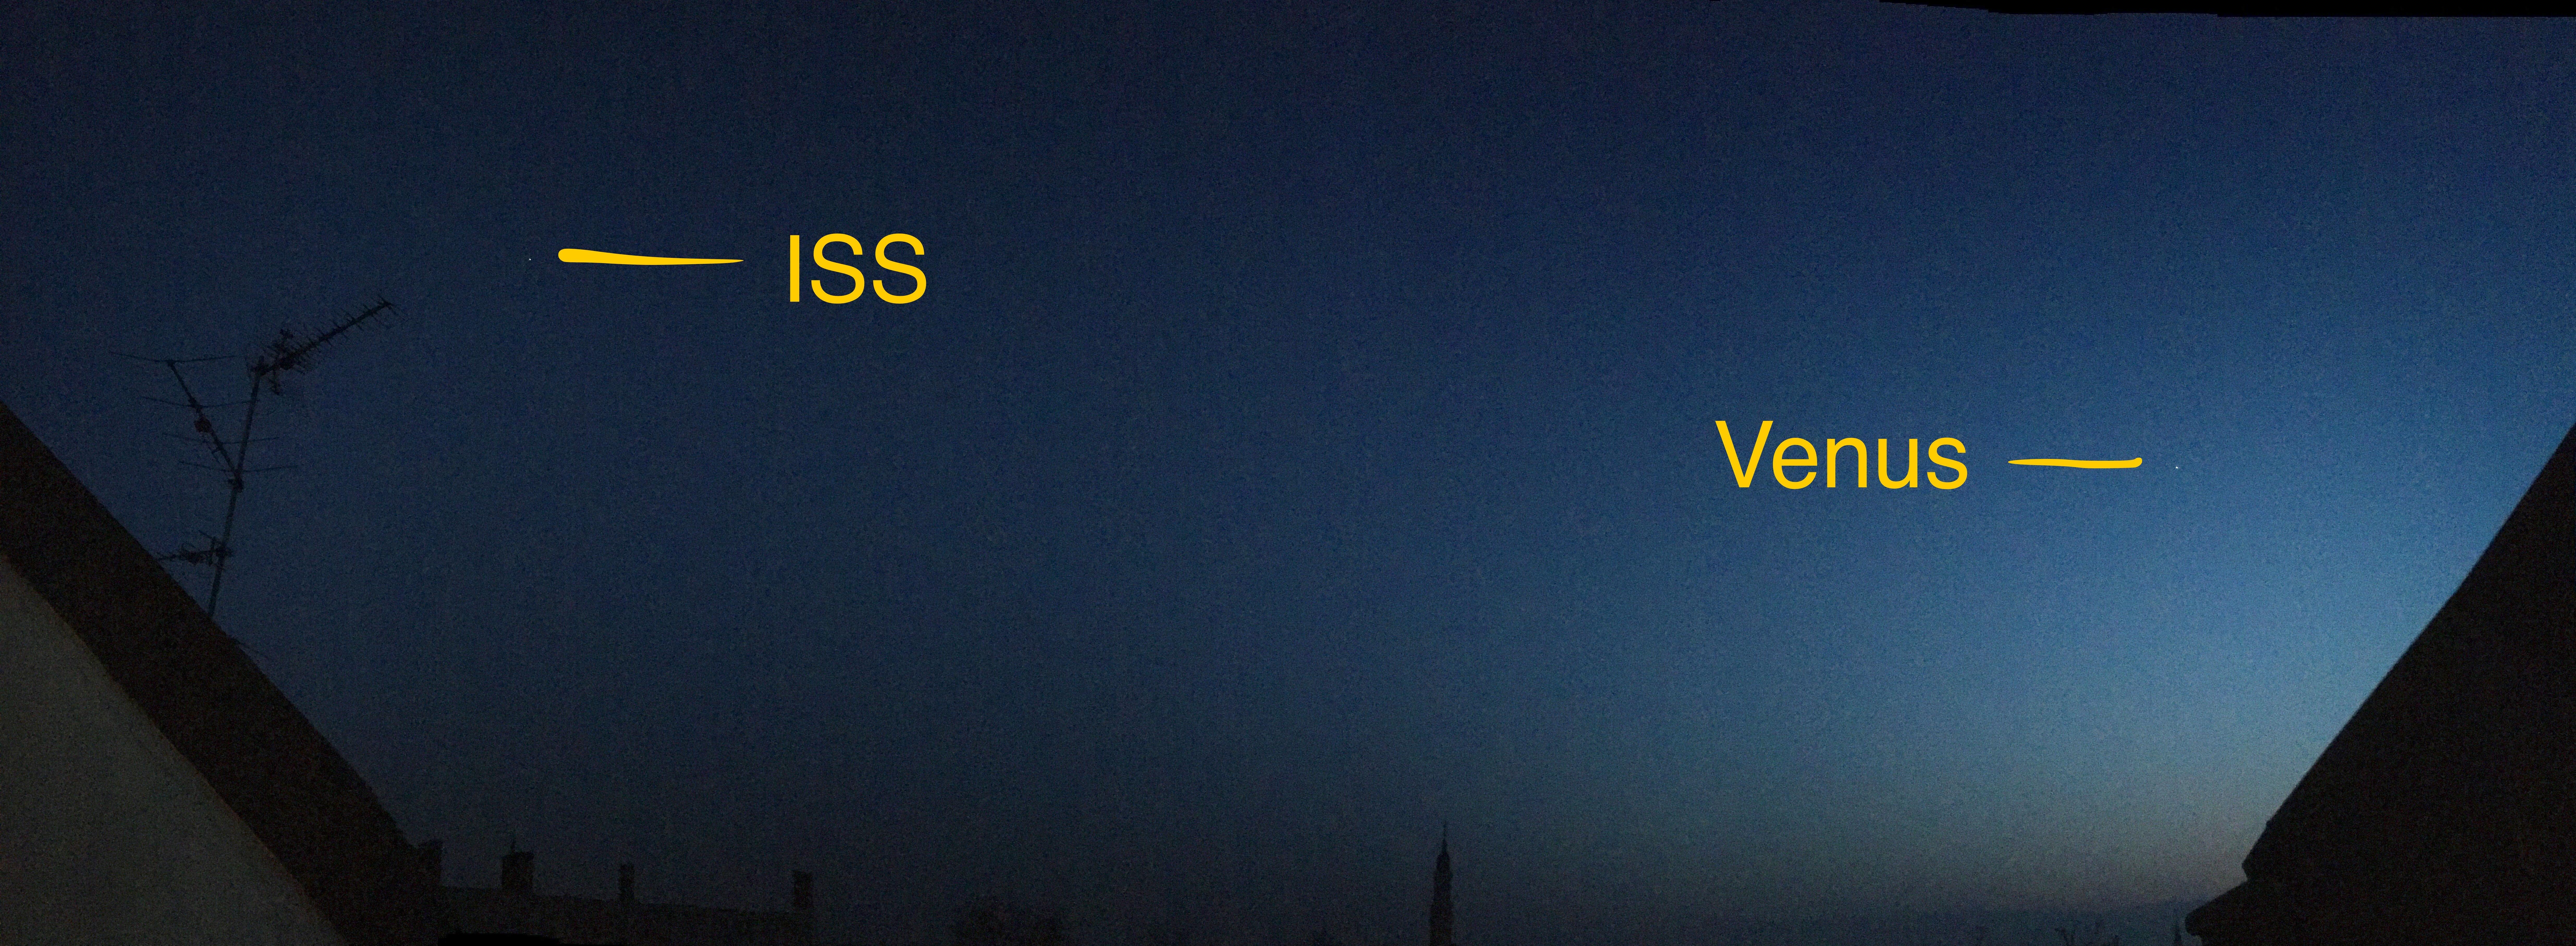 venus-und-iss-iphone-panoramafoto-10-02-17